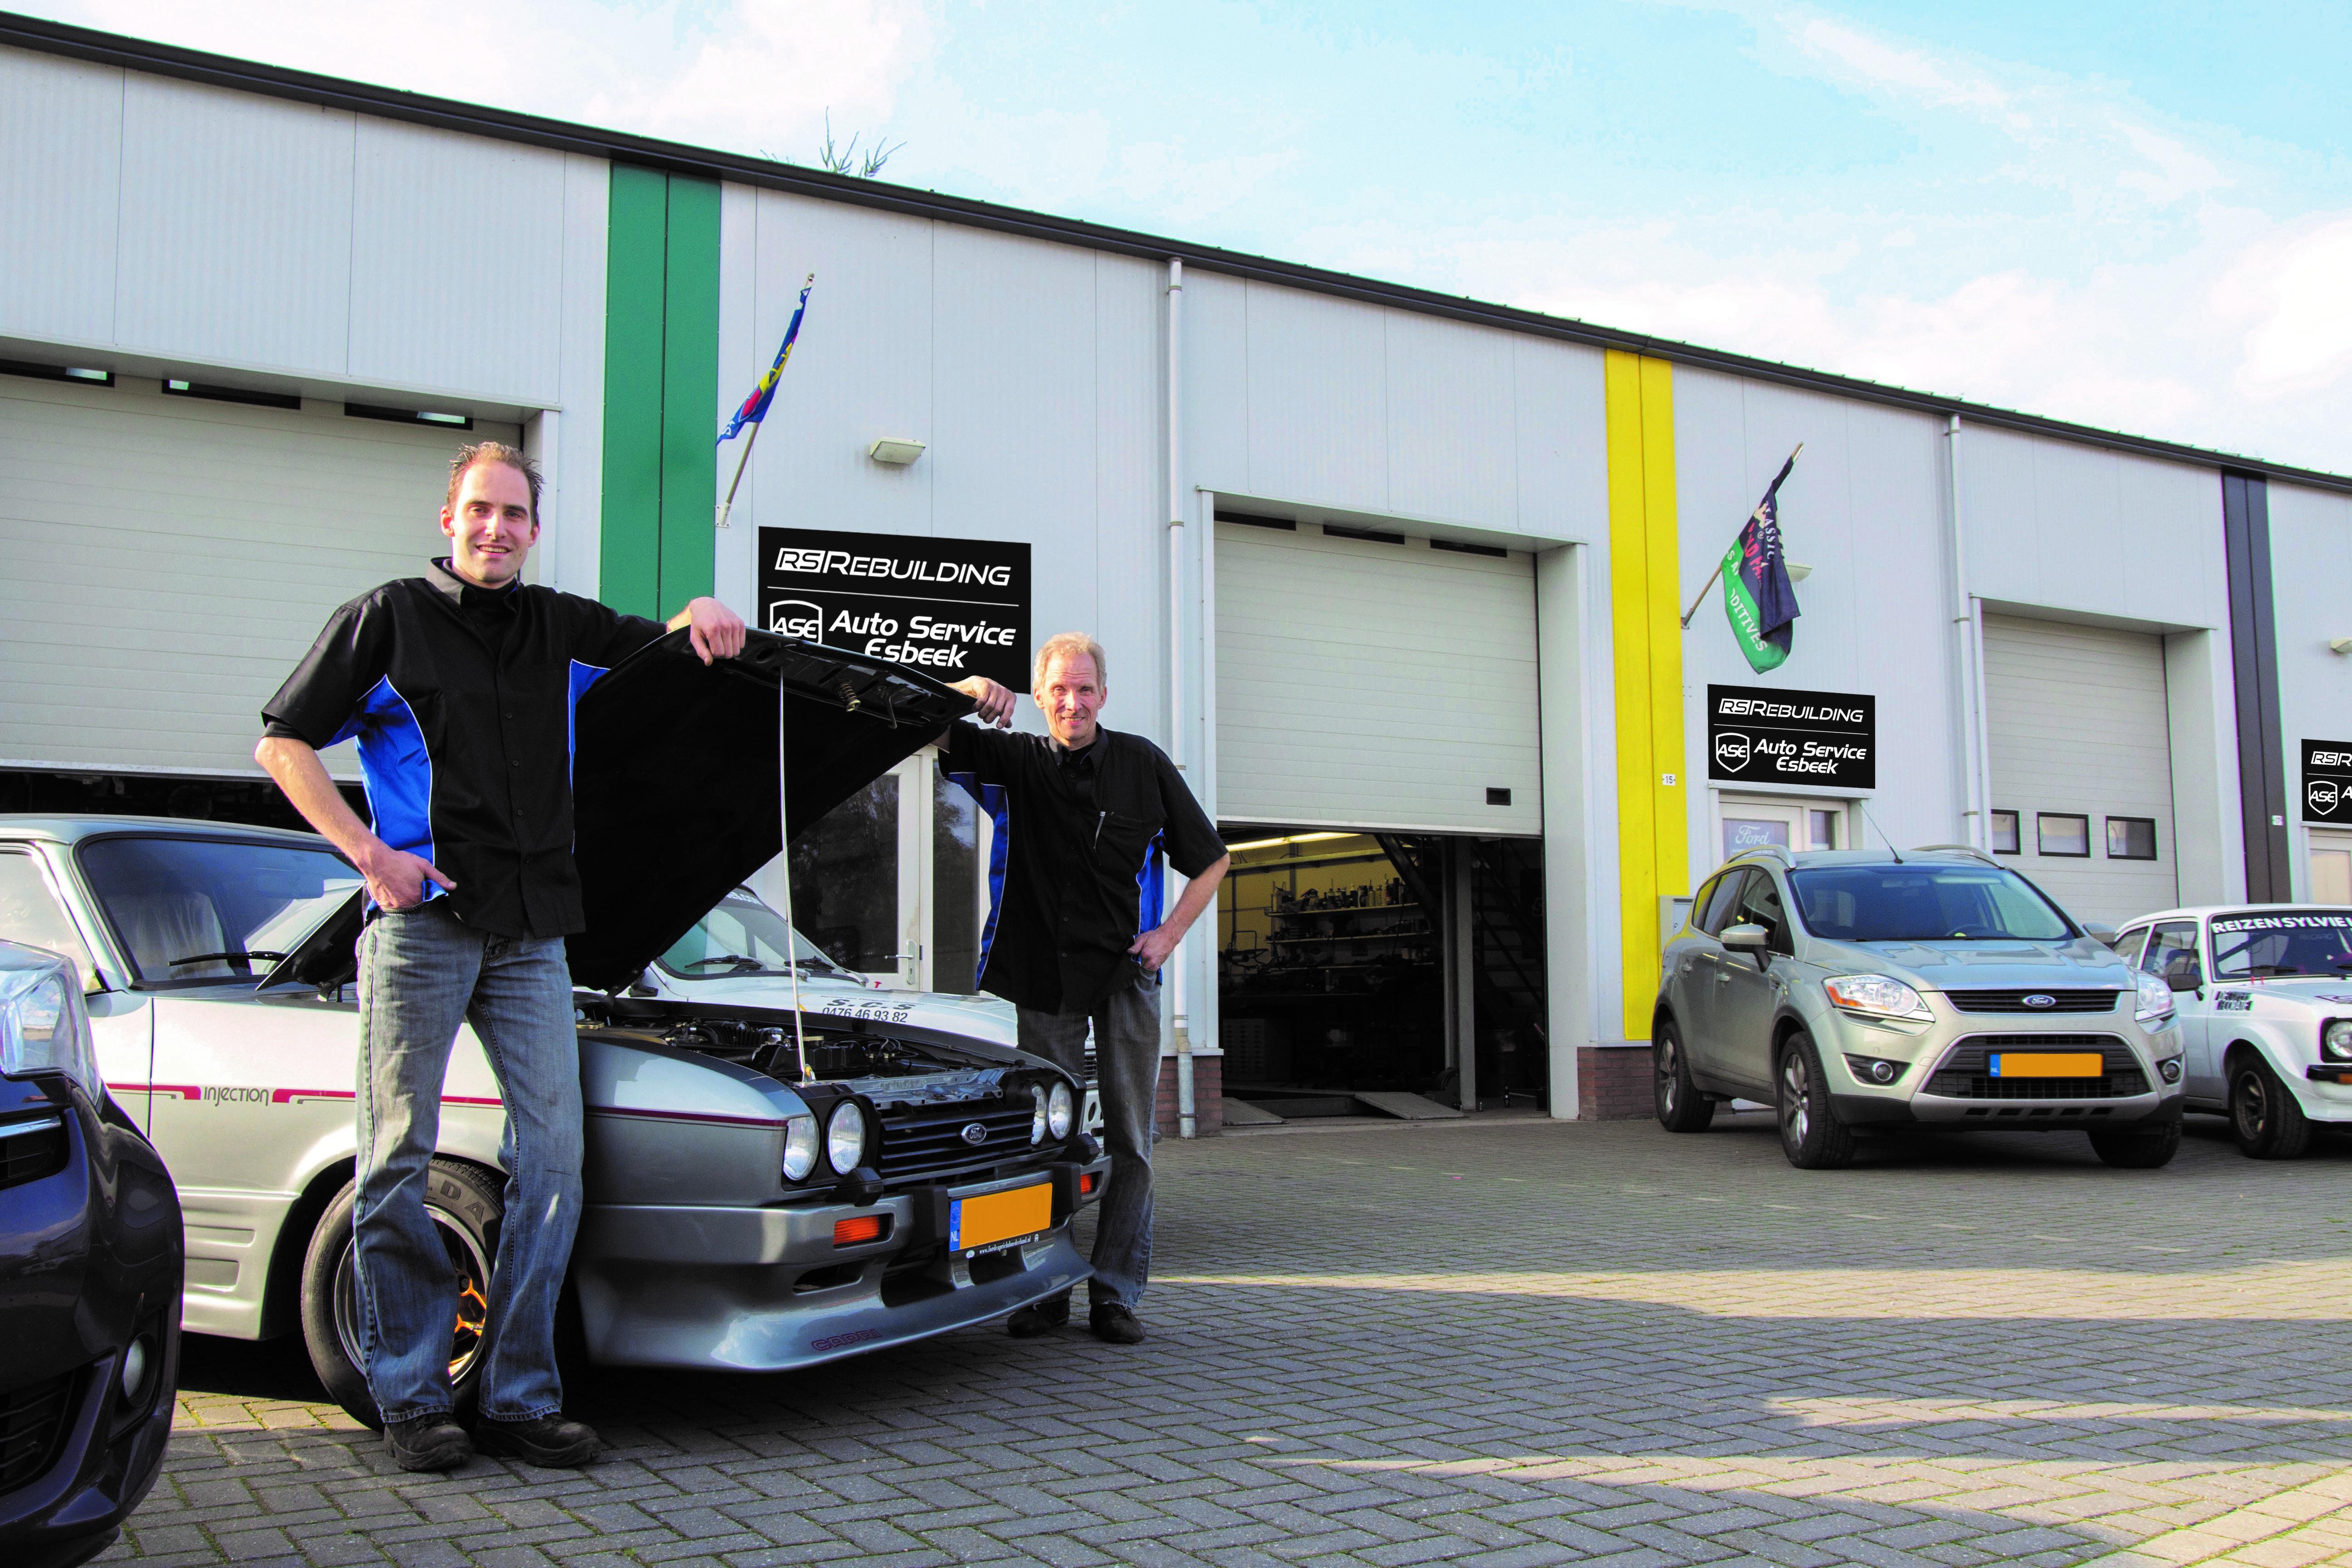 Auto garage esbeek for Garage villeneuve auto service